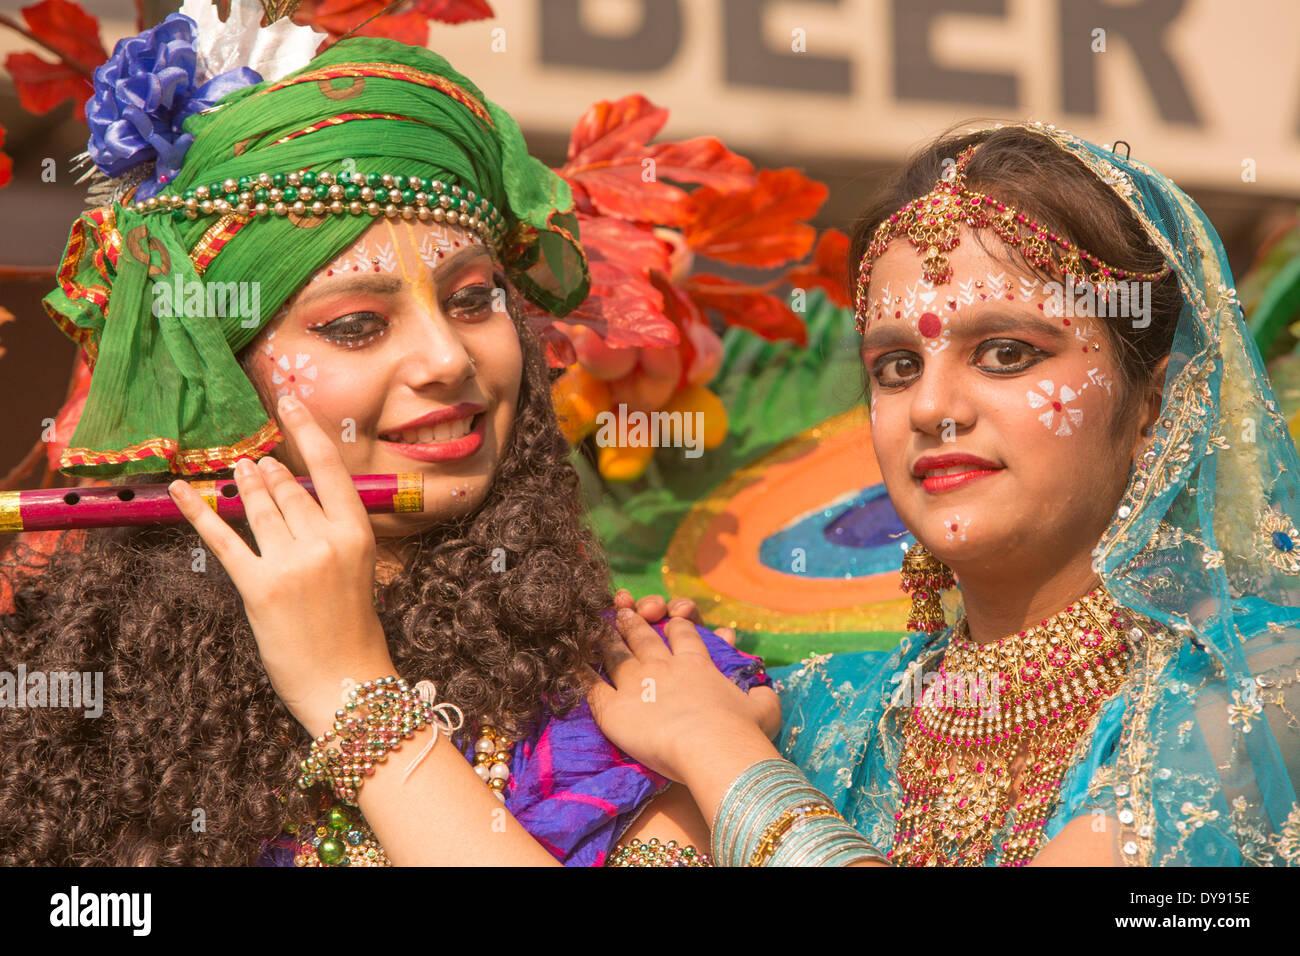 La gente, Delhi, Asia, pueblo, ciudad, mujeres, tradicional, Imagen De Stock